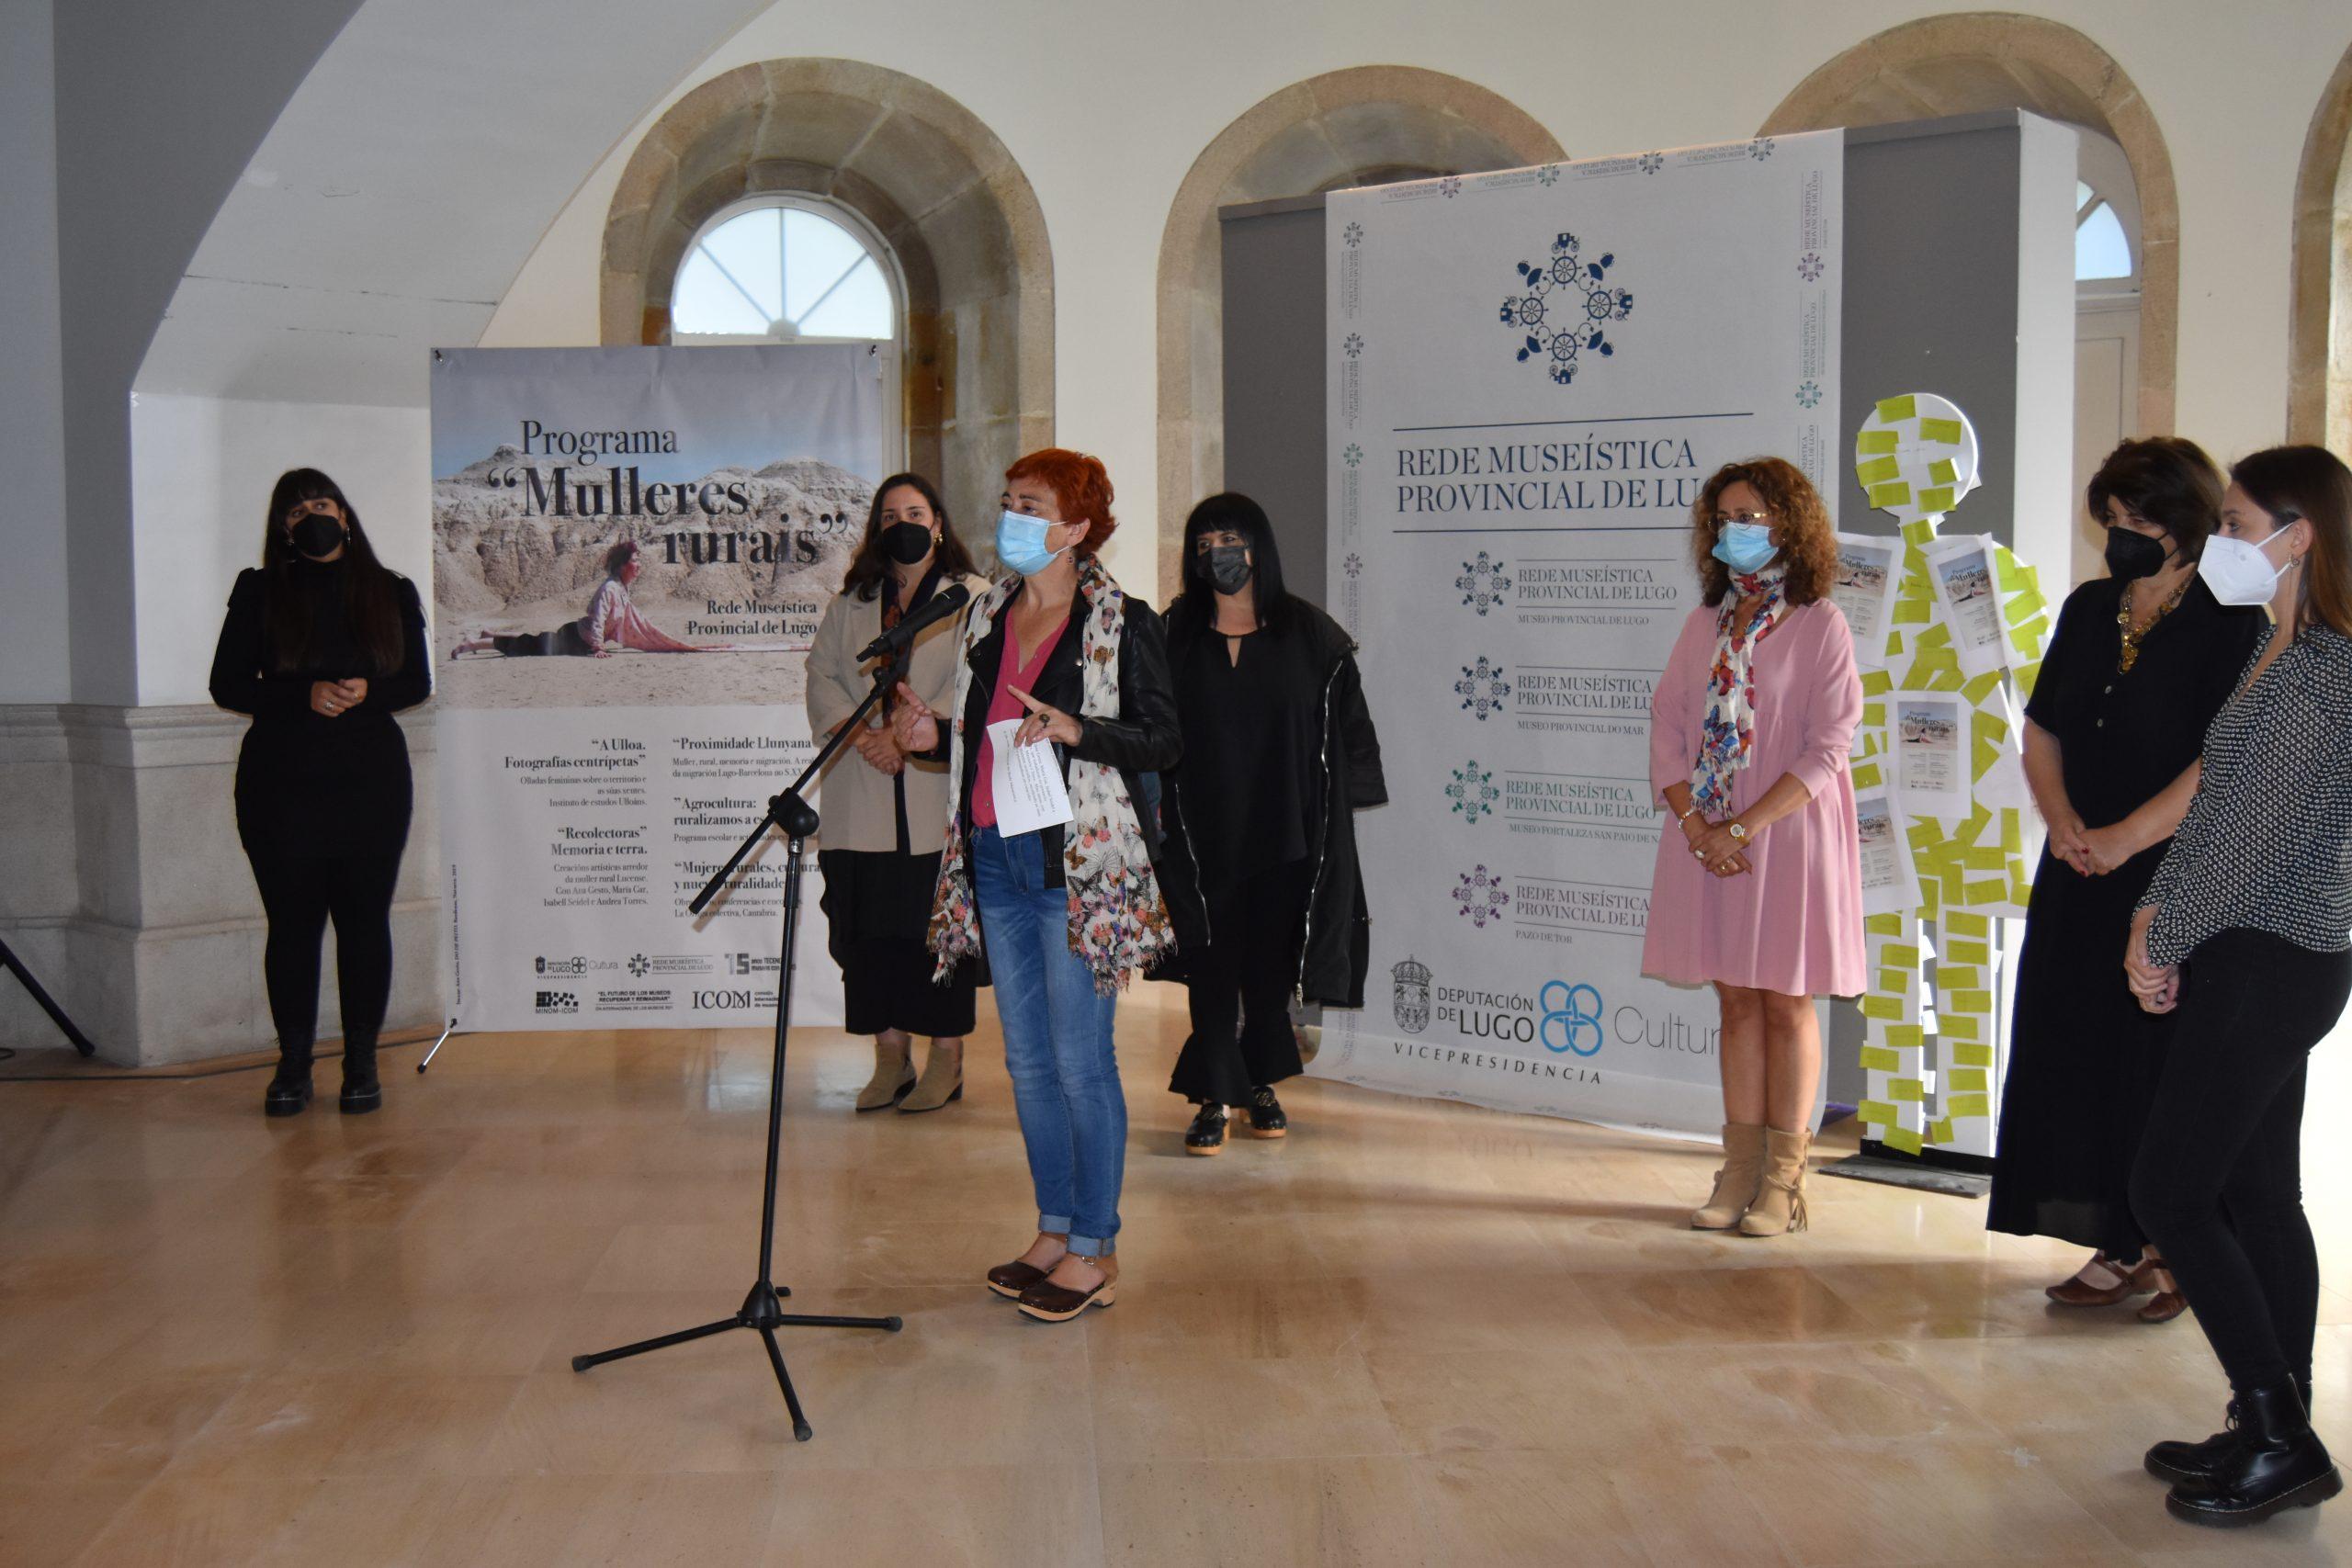 A Rede Museística presenta unha programación ligada ás mulleres rurais, con diferentes exposicións e obradoiros creativos  nos vindeiros tres meses